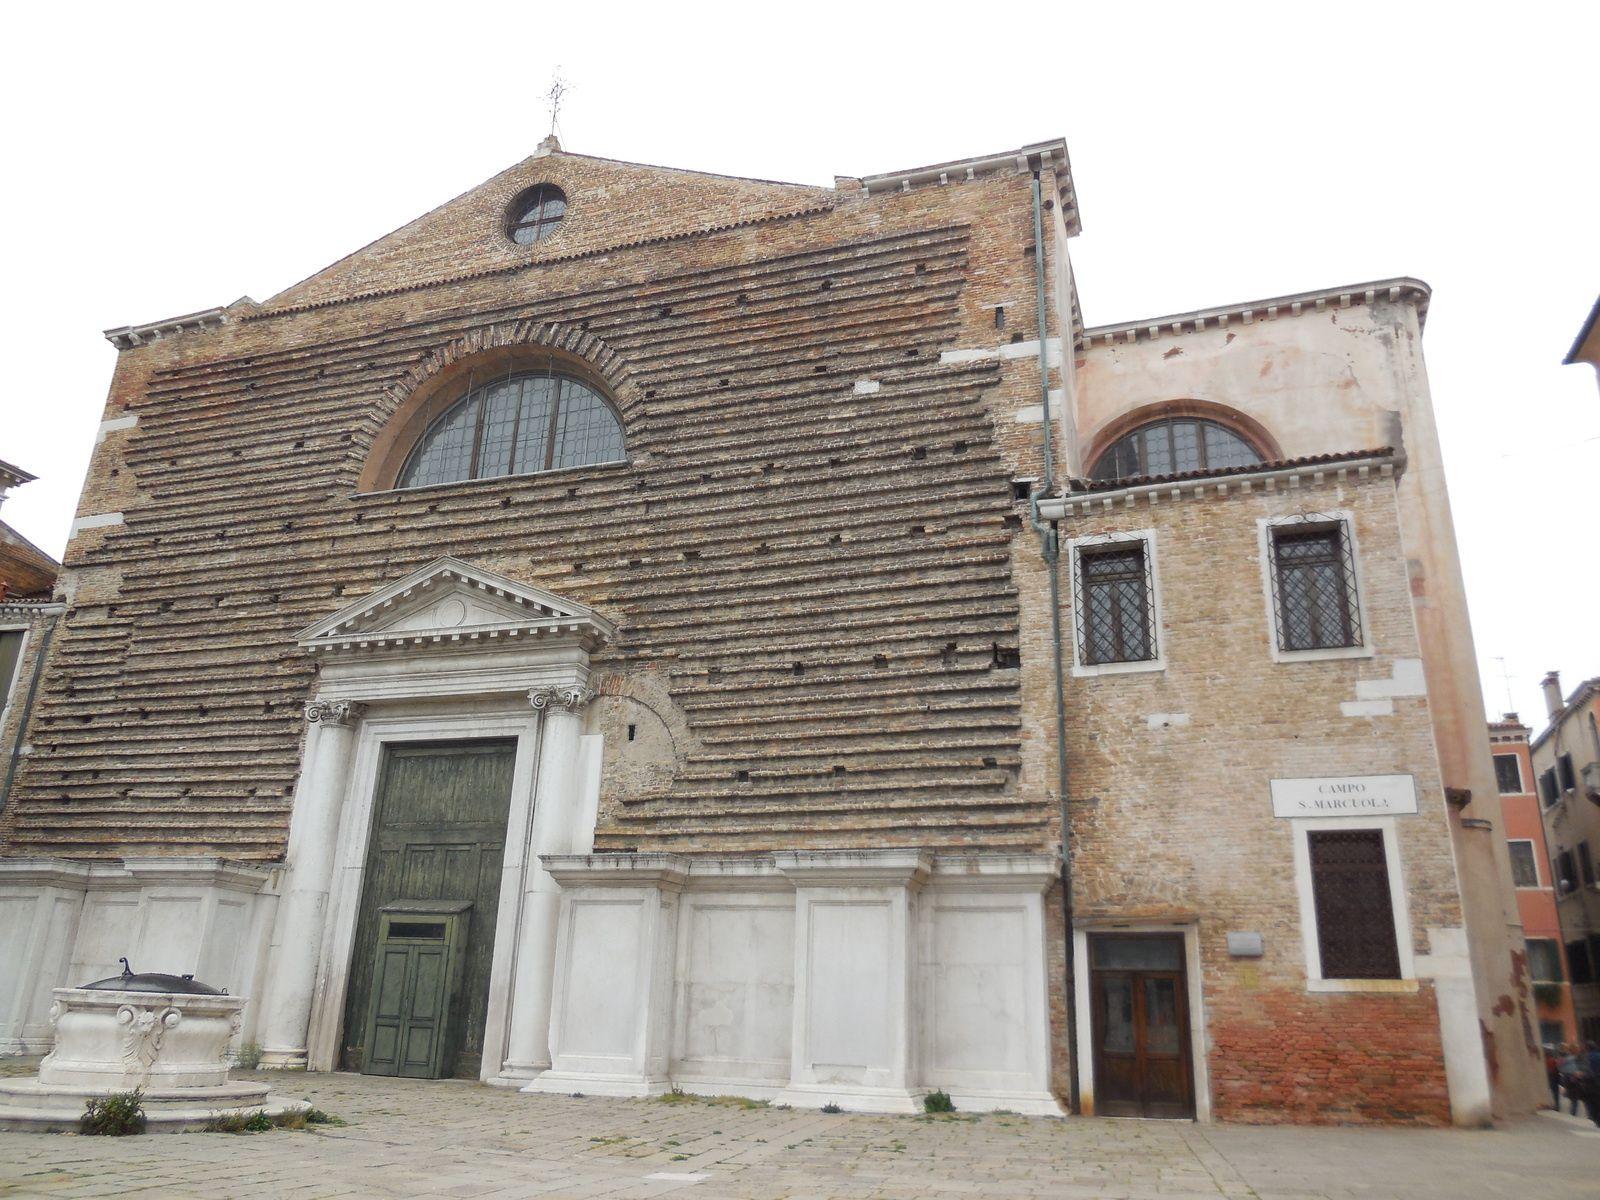 Le campo San Marcuola et l'église du même nom. (Eglise construite vers le Xème siècle et transformée au cours du XVIIIème)